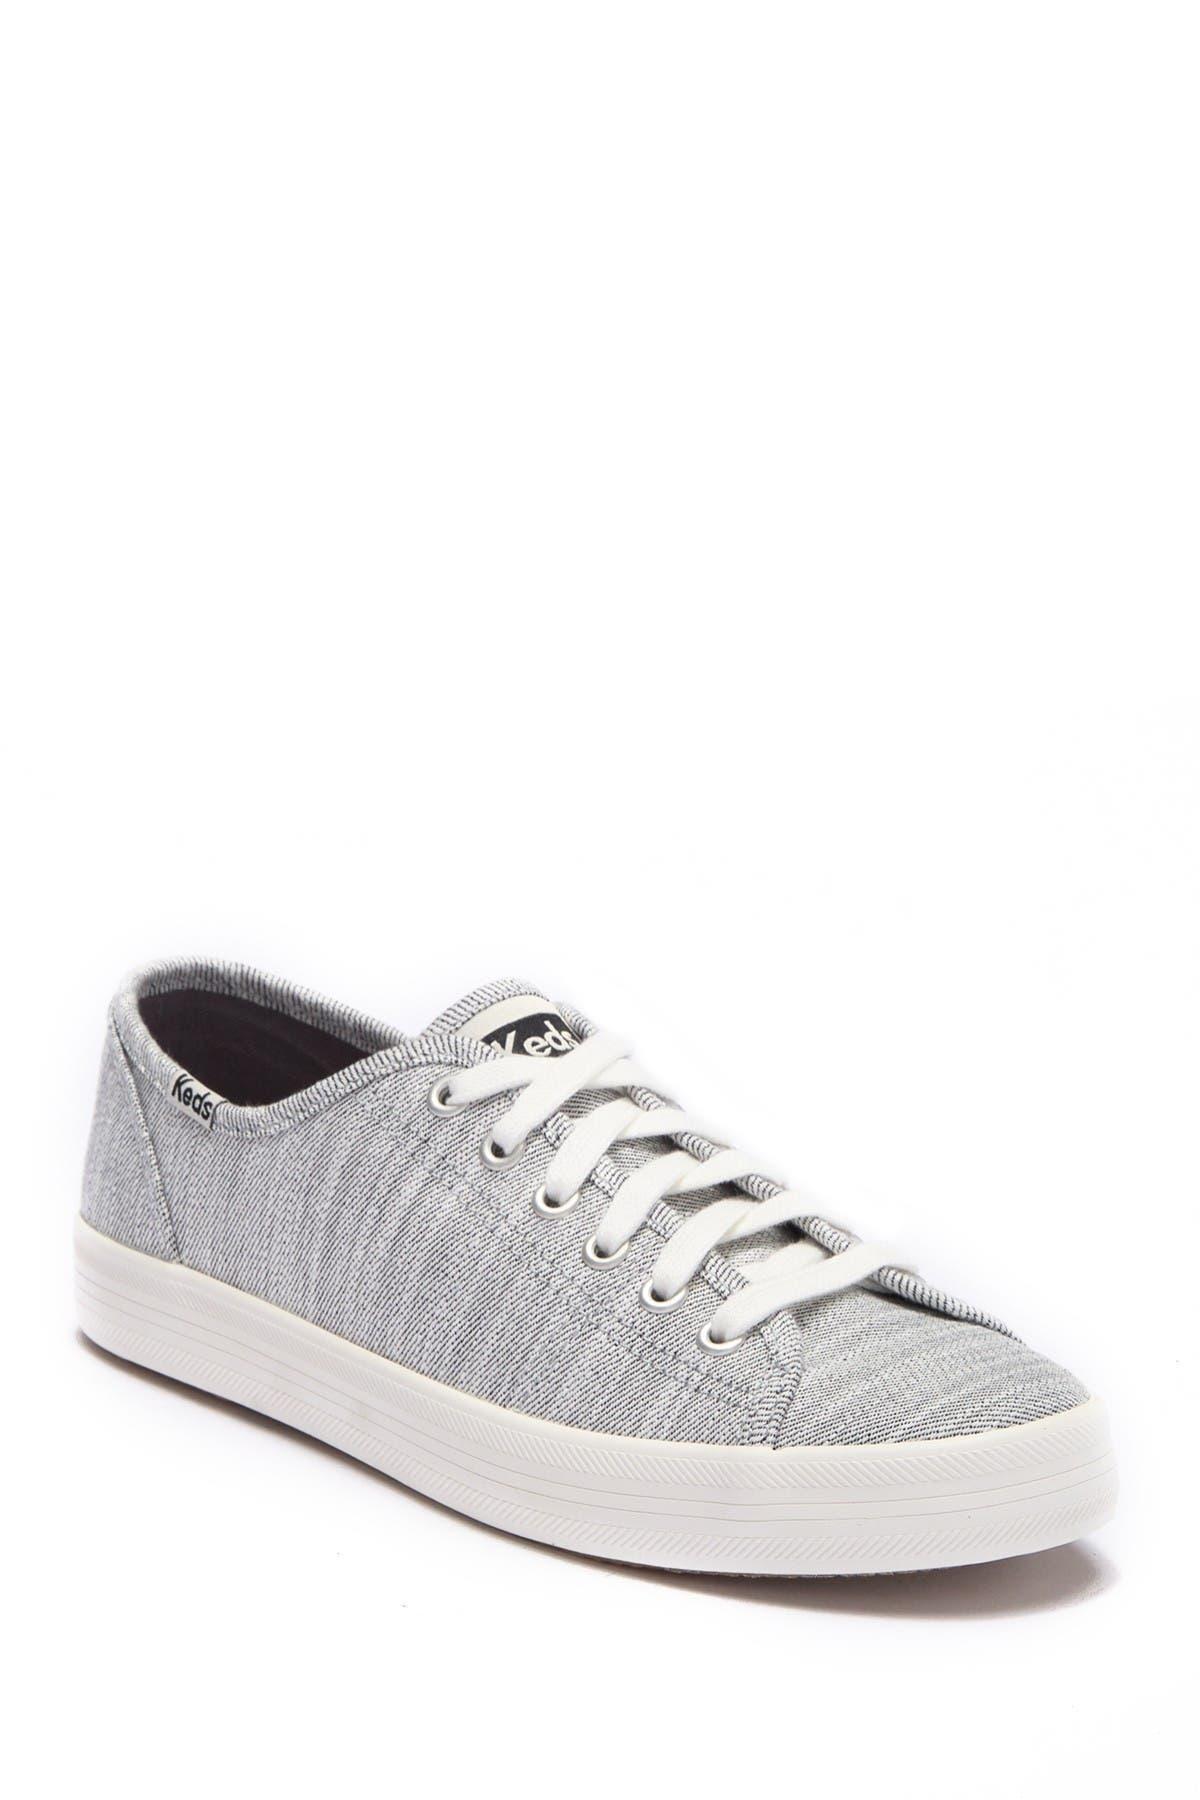 Keds   Kickstart Denim Twill Sneaker